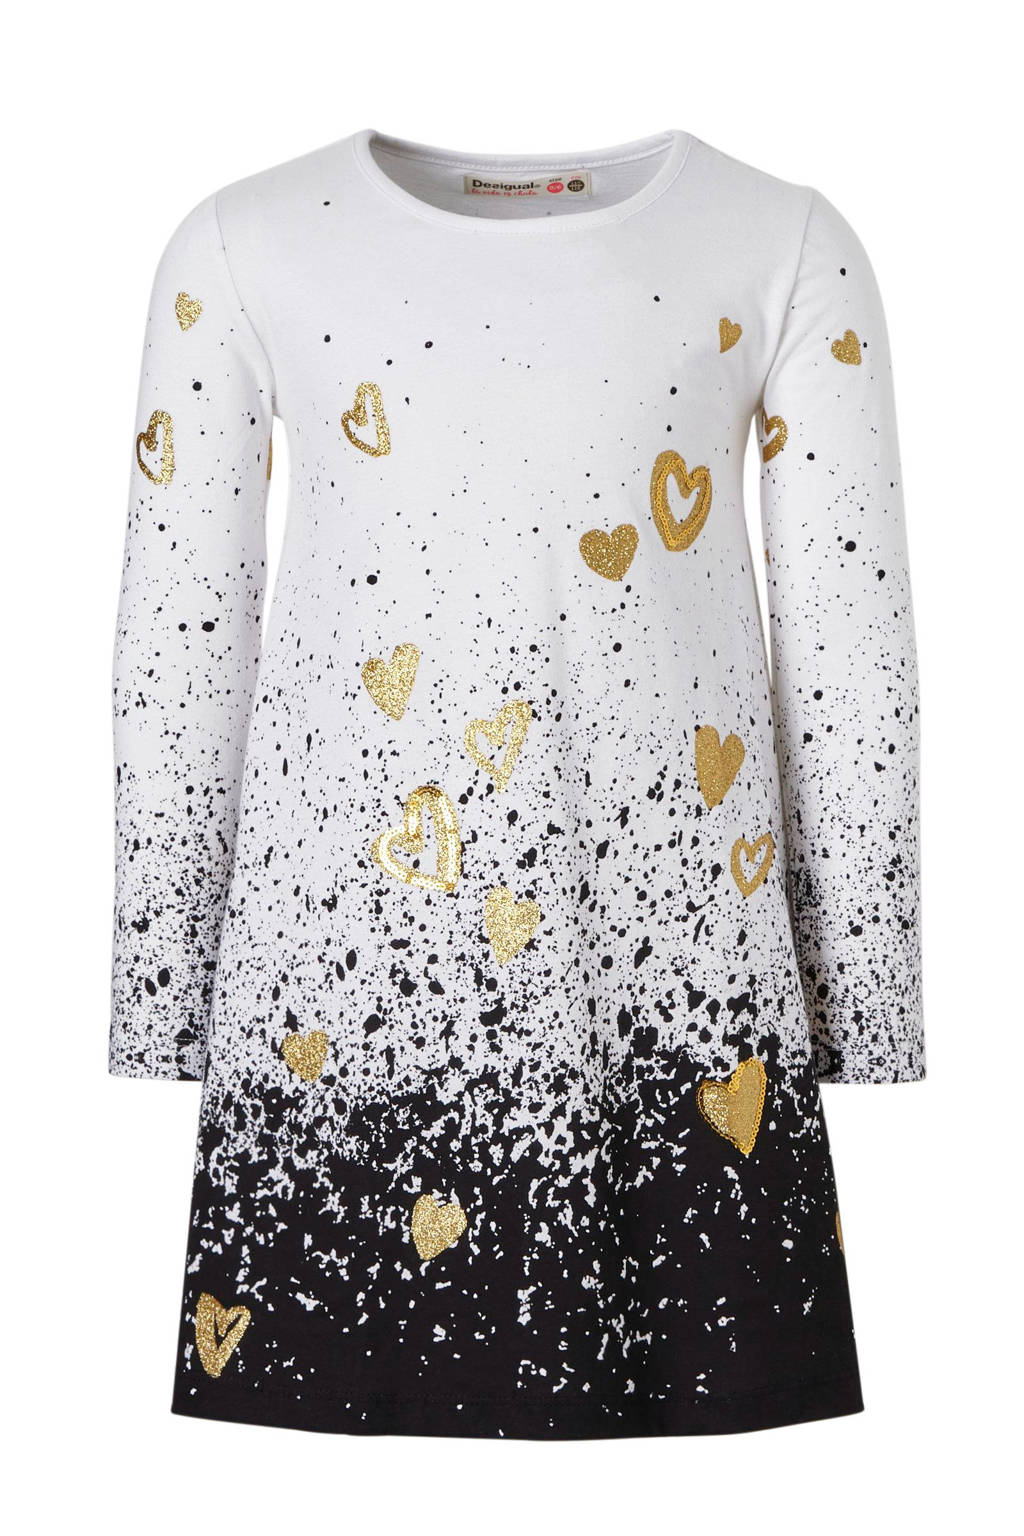 490c9a6a1a1f59 Desigual jurk met print en gouden harten